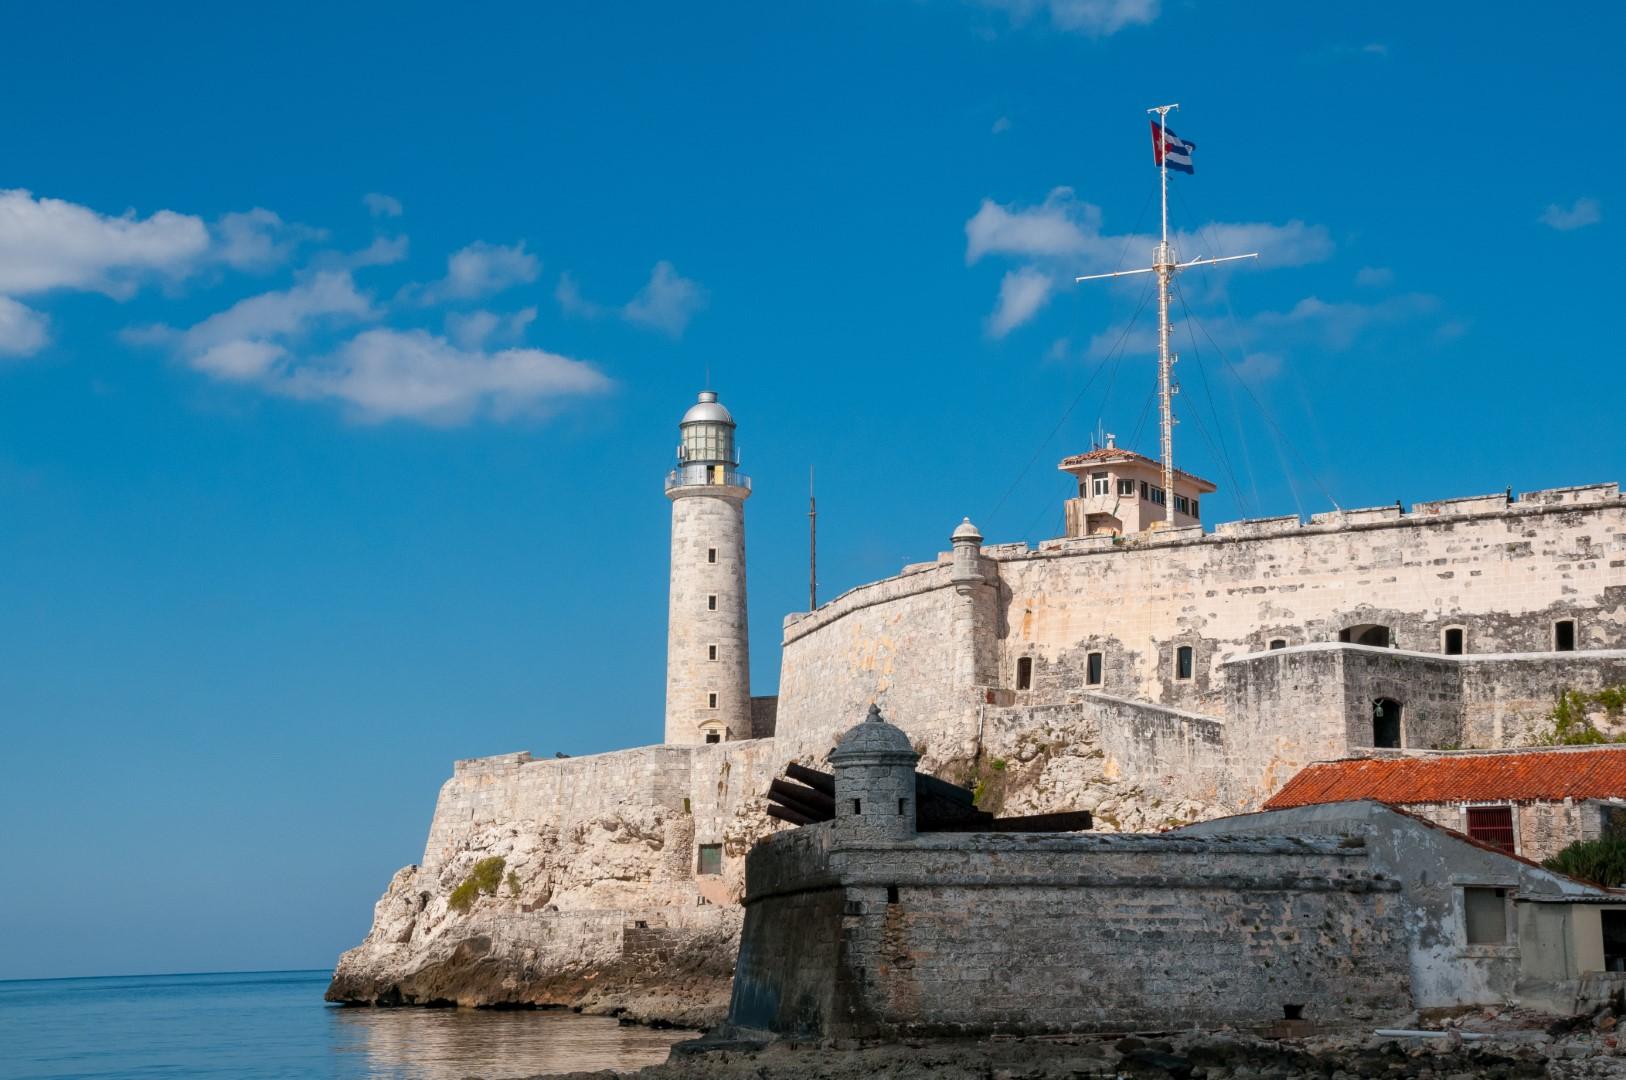 Morro Castle in Havana, Cuba